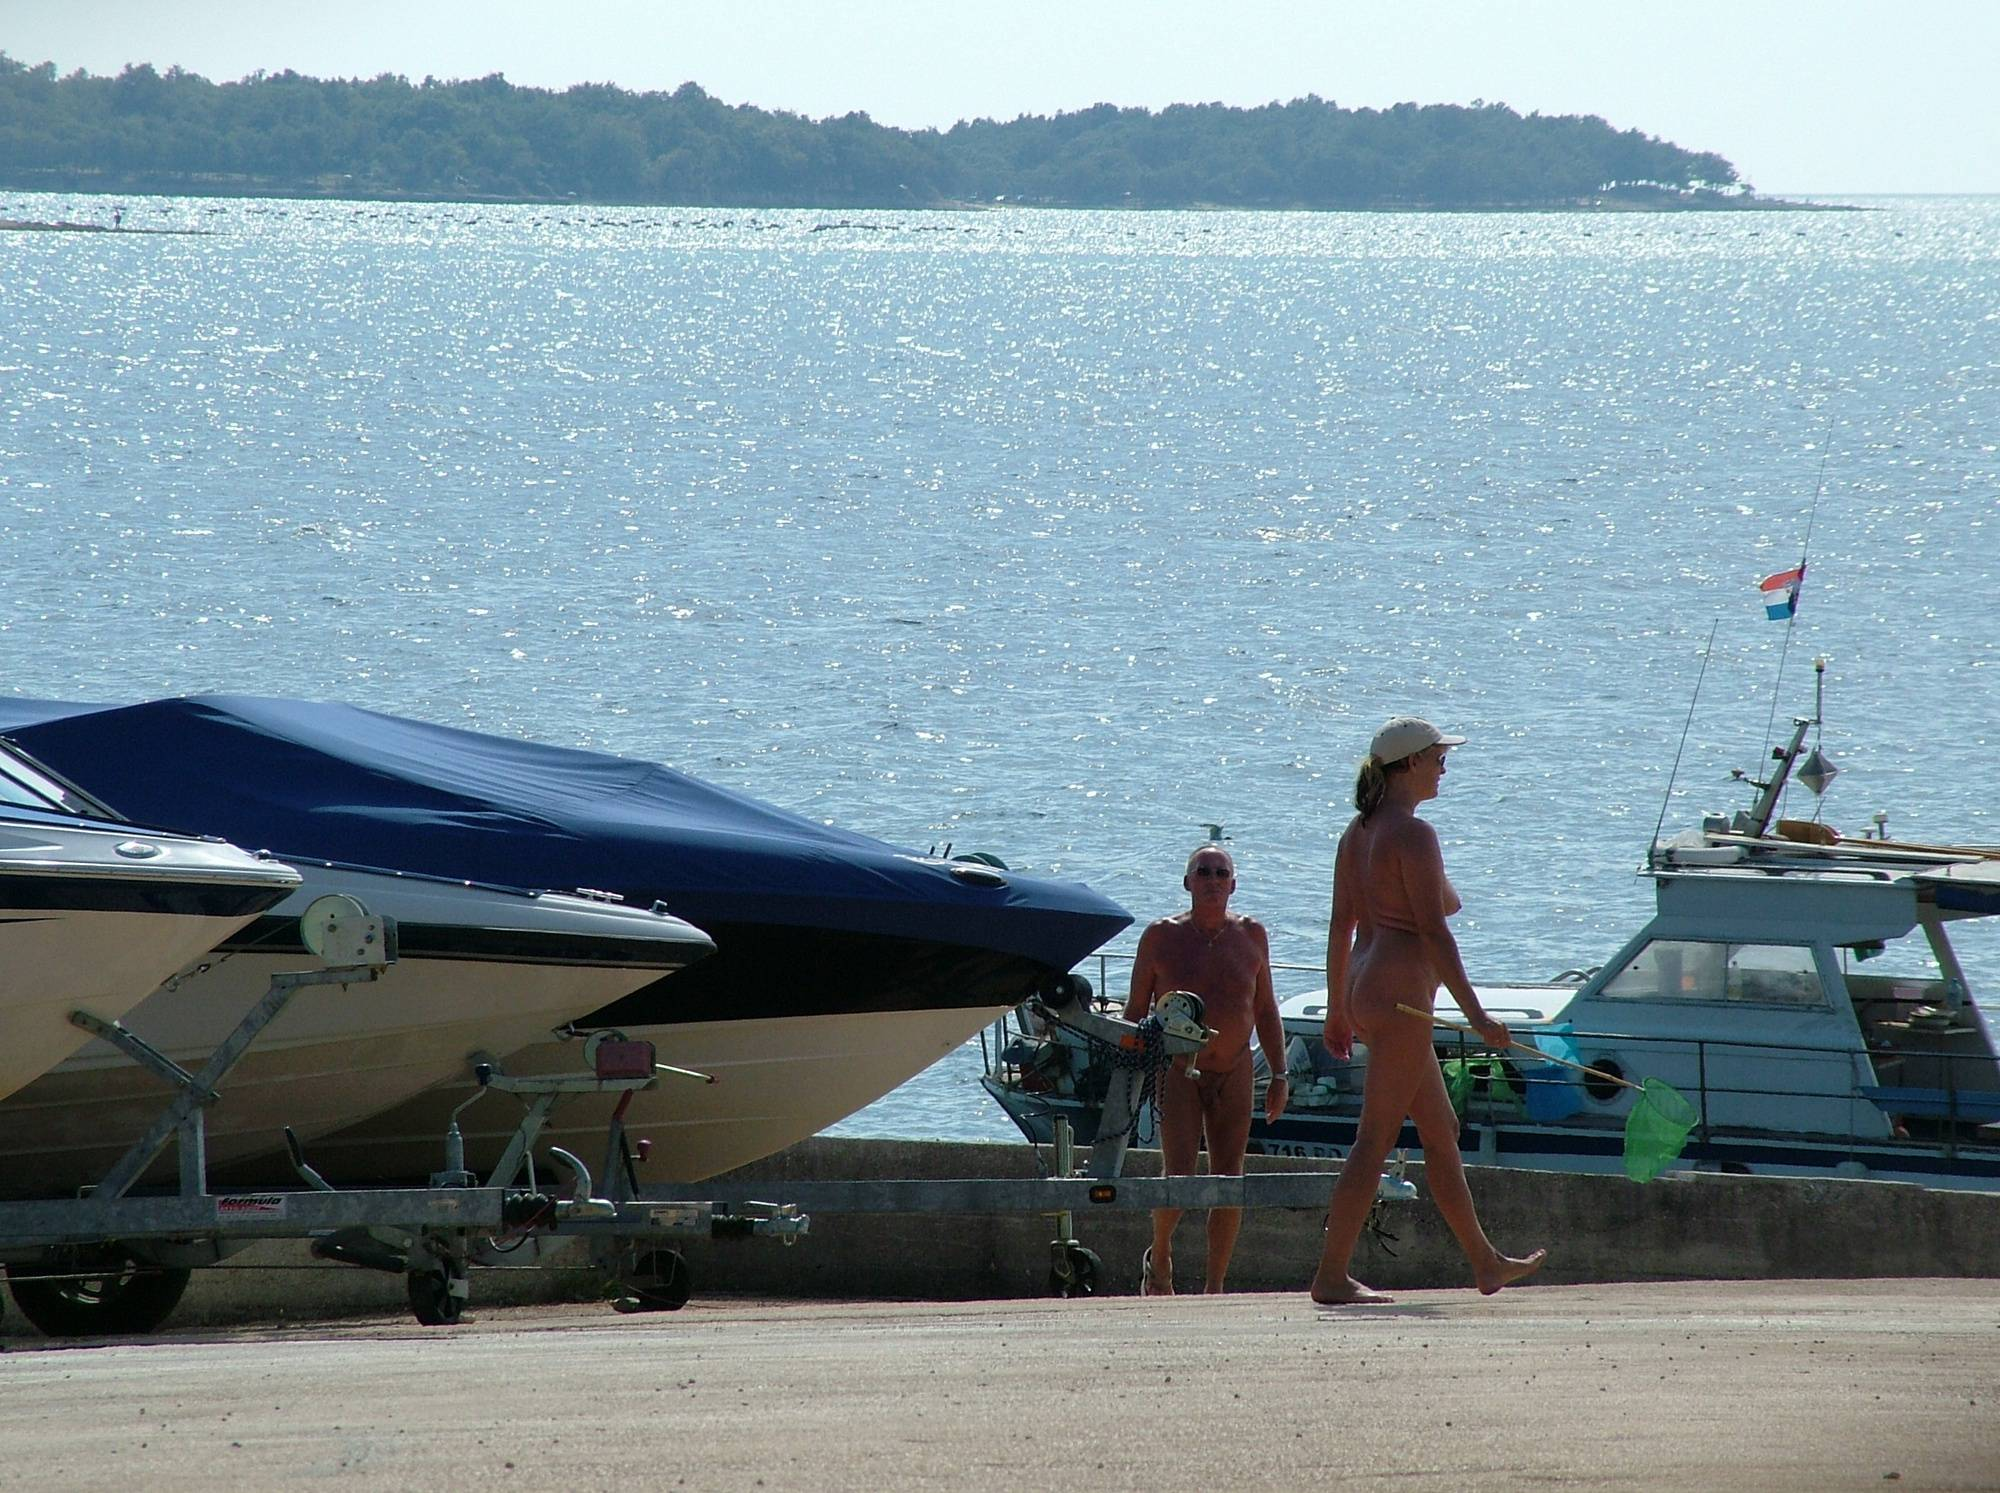 Sunny FKK Marine Shore - 2